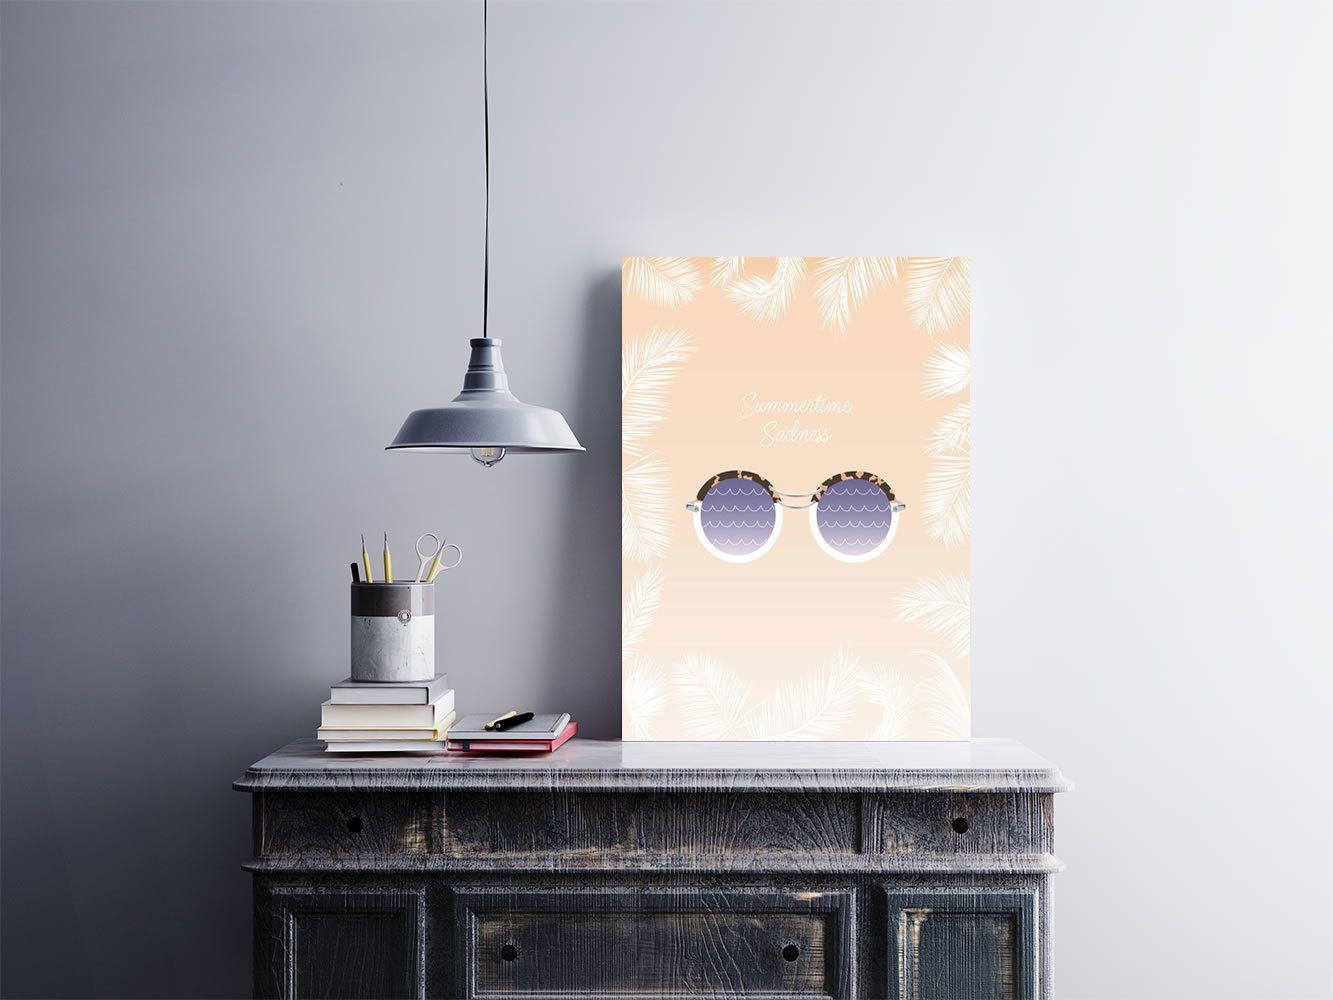 """Placa decorativa """"Summertime Sadness""""  Temos quadros com moldura e vidro protetor e placas decorativas em MDF.  Visite nossa loja e conheça nossos diversos modelos.  Loja virtual: www.arteemposter.com.br  Facebook: fb.com/arteemposter  Instagram: instagram.com/rogergon1975  #placa #adesivo #poster #quadro #vidro #parede #moldura"""